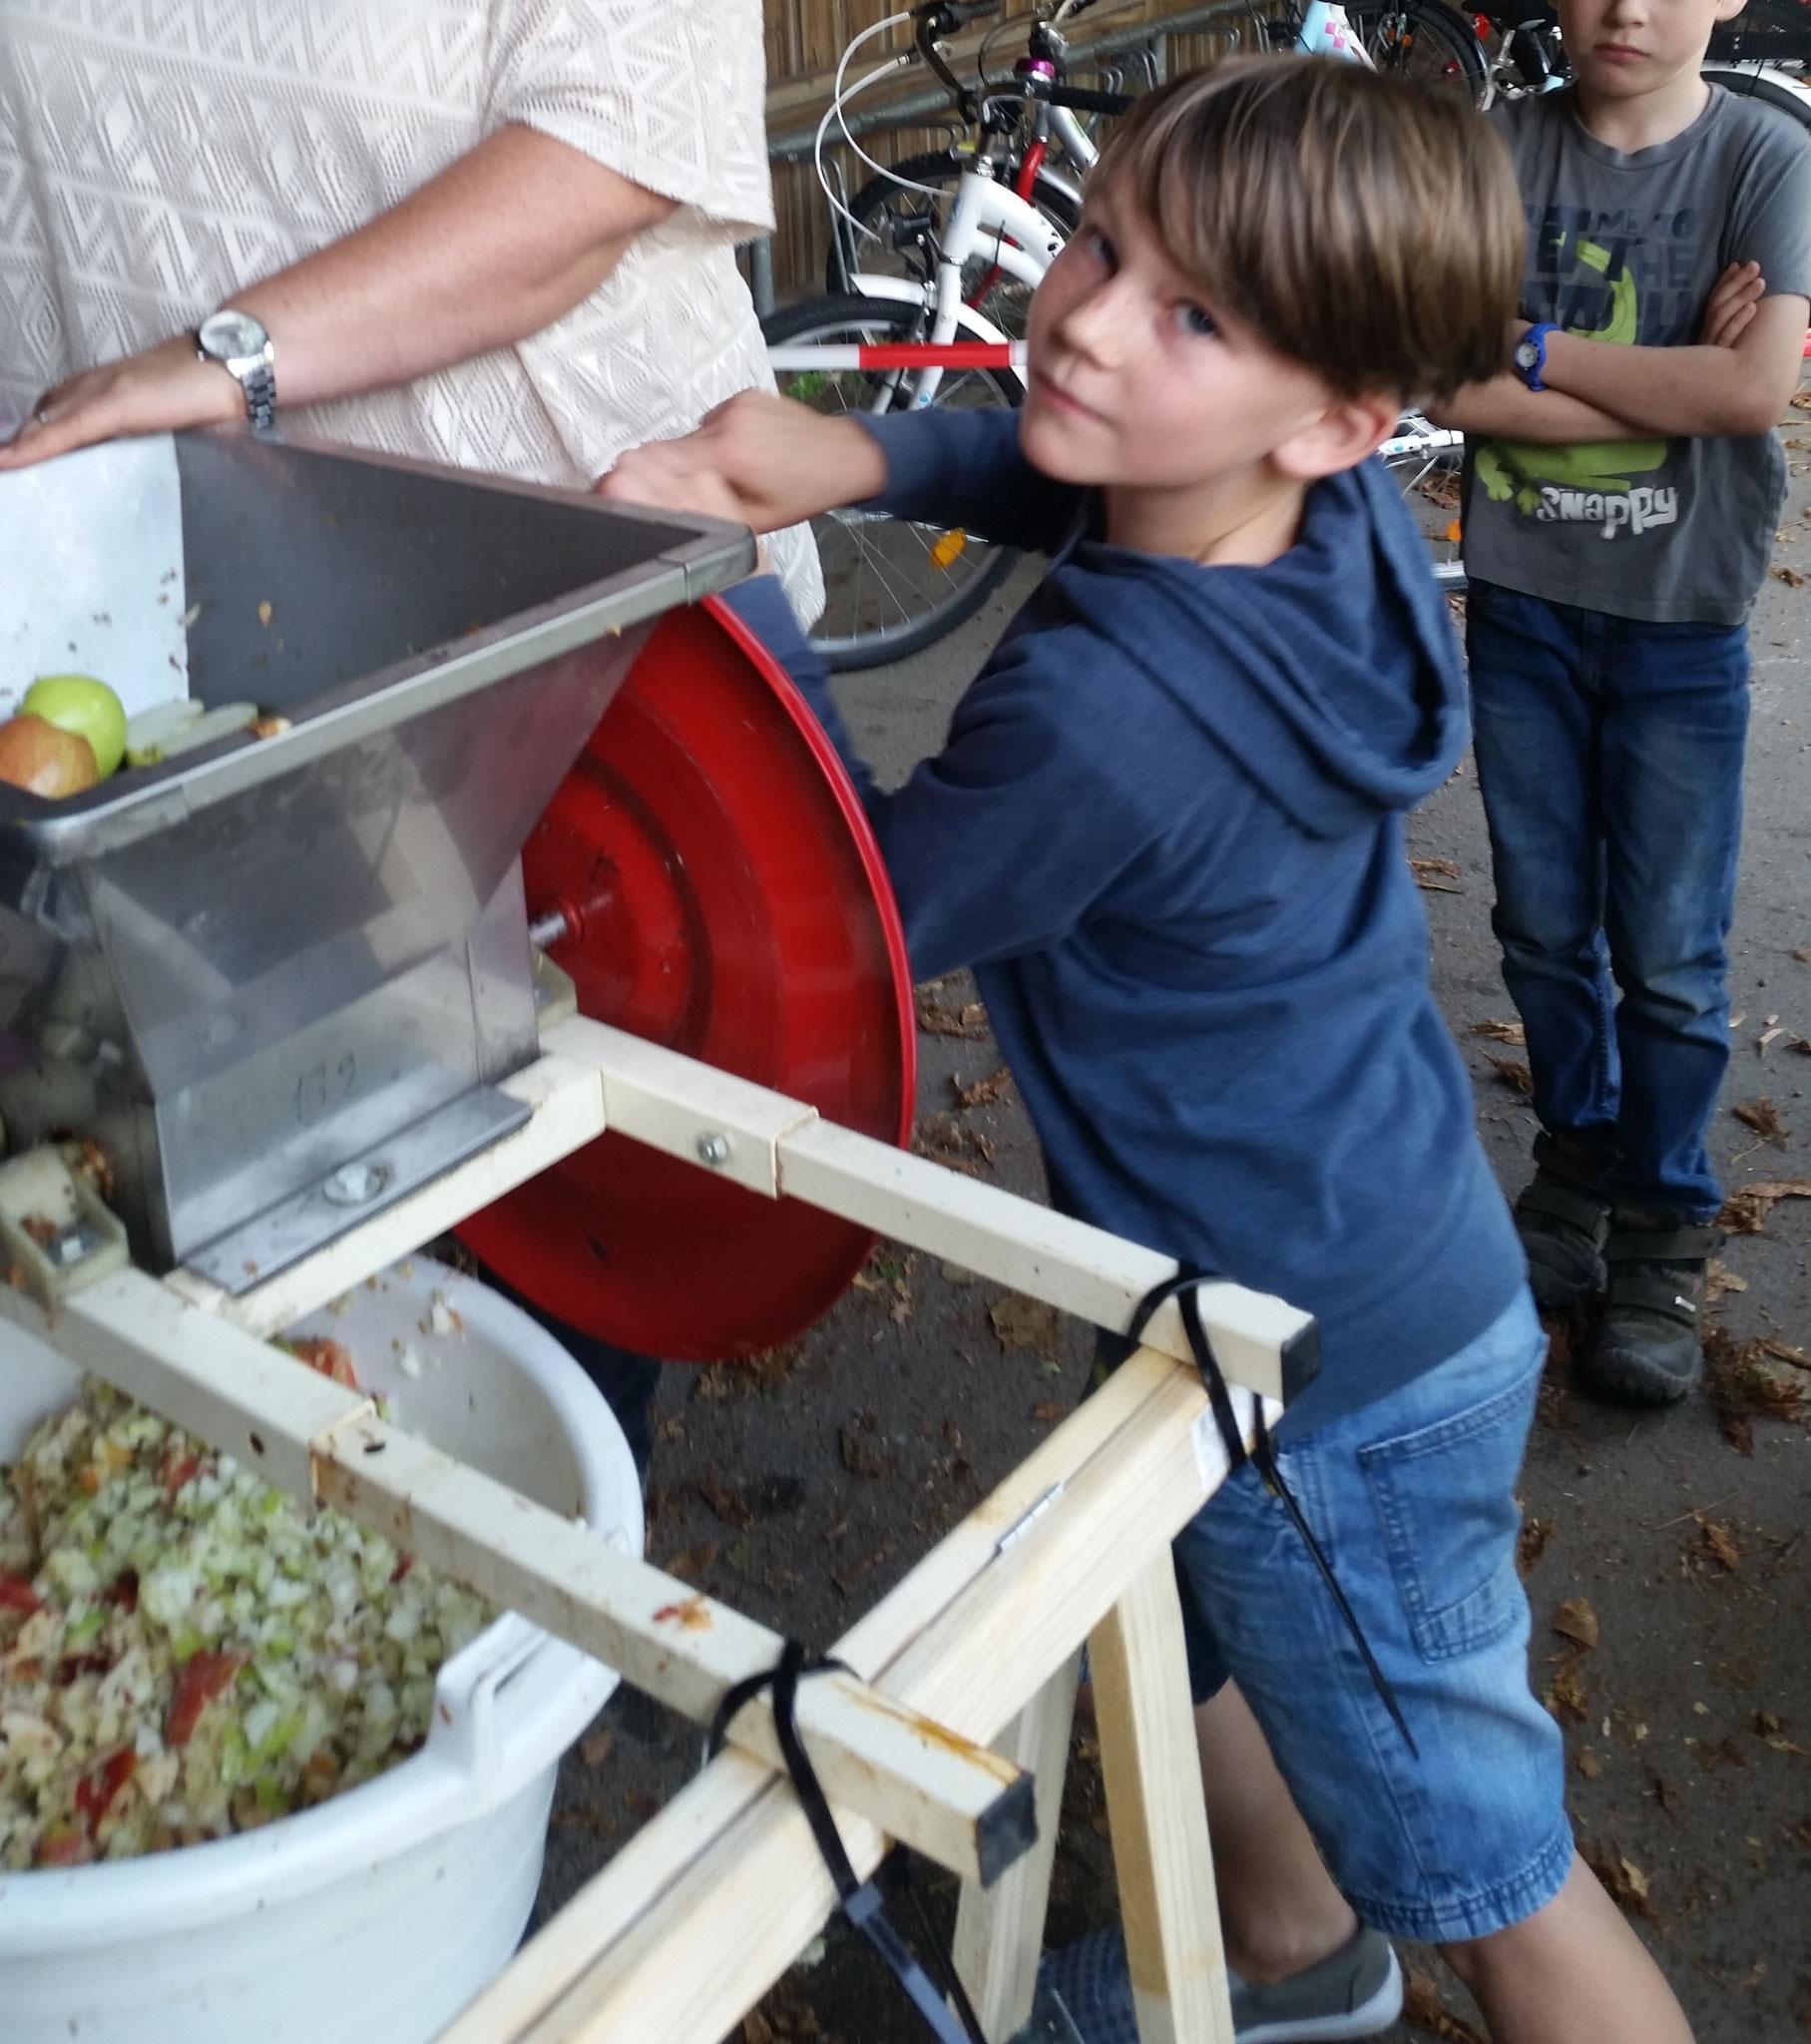 Klaas dreht die Kurbel der Rätzelmühle. Die anstrengende Vorarbeit, bevor die zerkleinerten Äpfel in der Presse zu Saft gemacht werden.